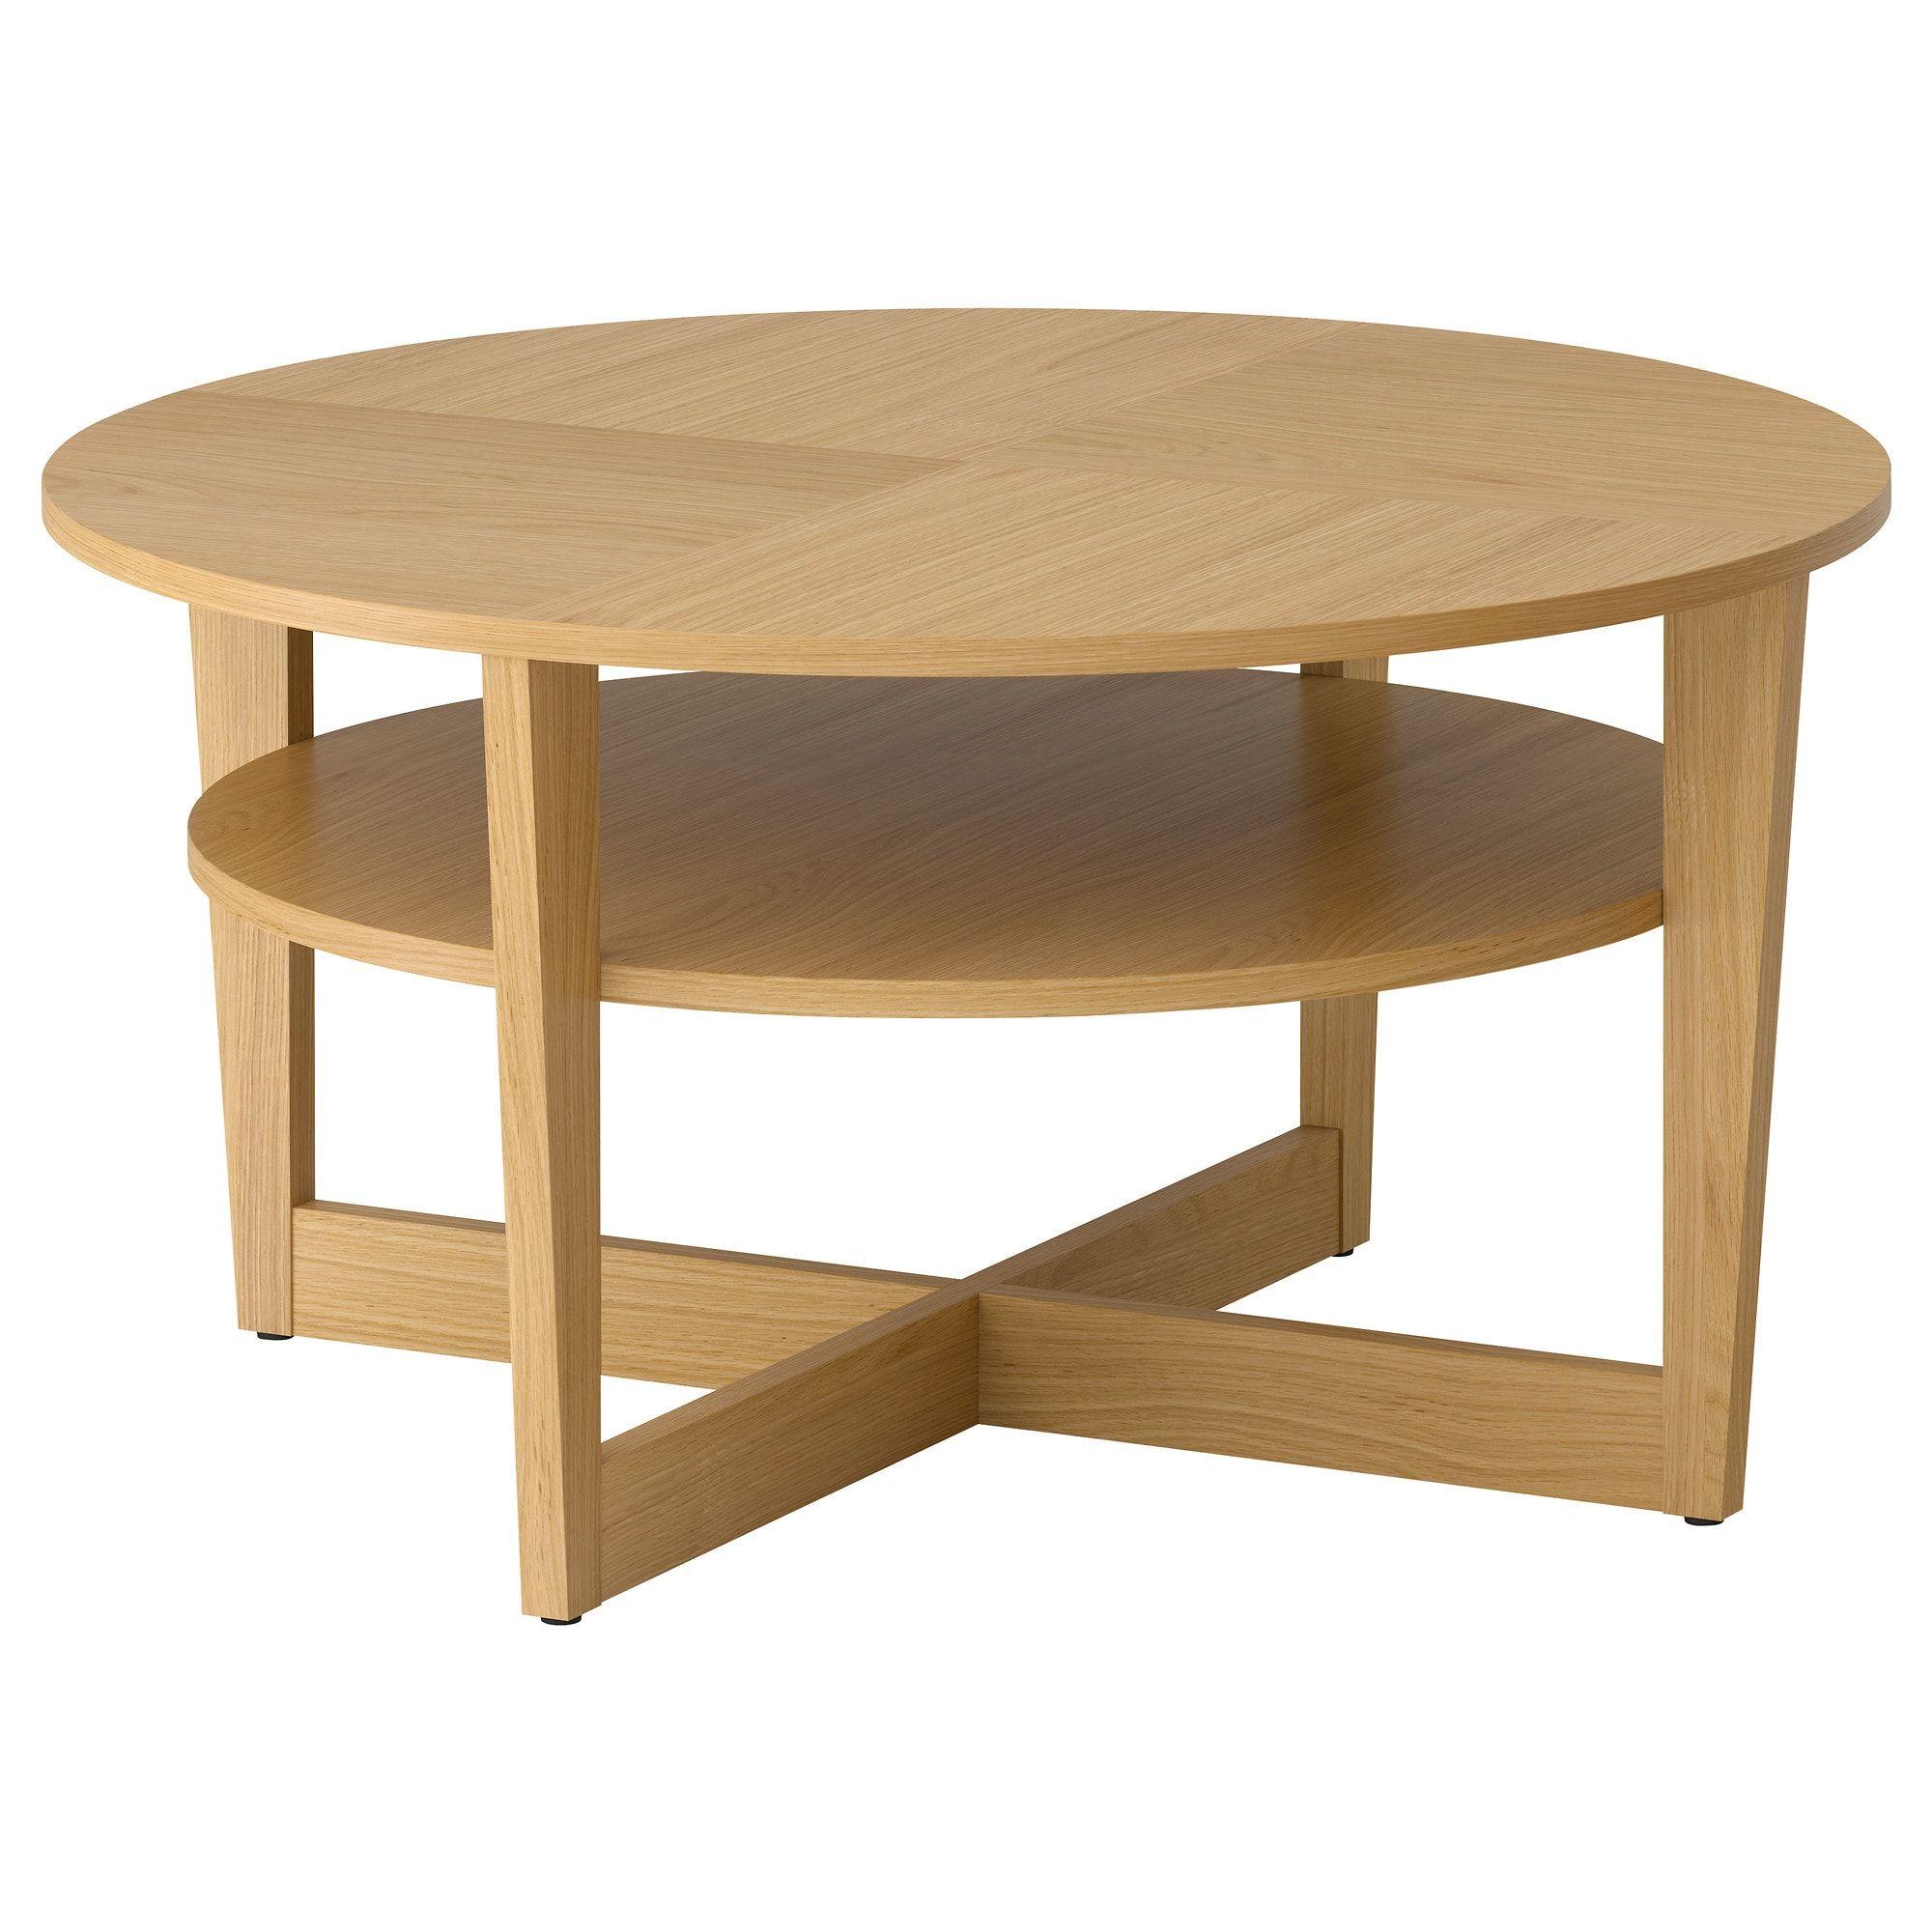 Vejmon Oak Veneer Coffee Table 90 Cm Ikea Ikea Coffee Table Round Coffee Table Ikea Coffee Table [ 2000 x 2000 Pixel ]